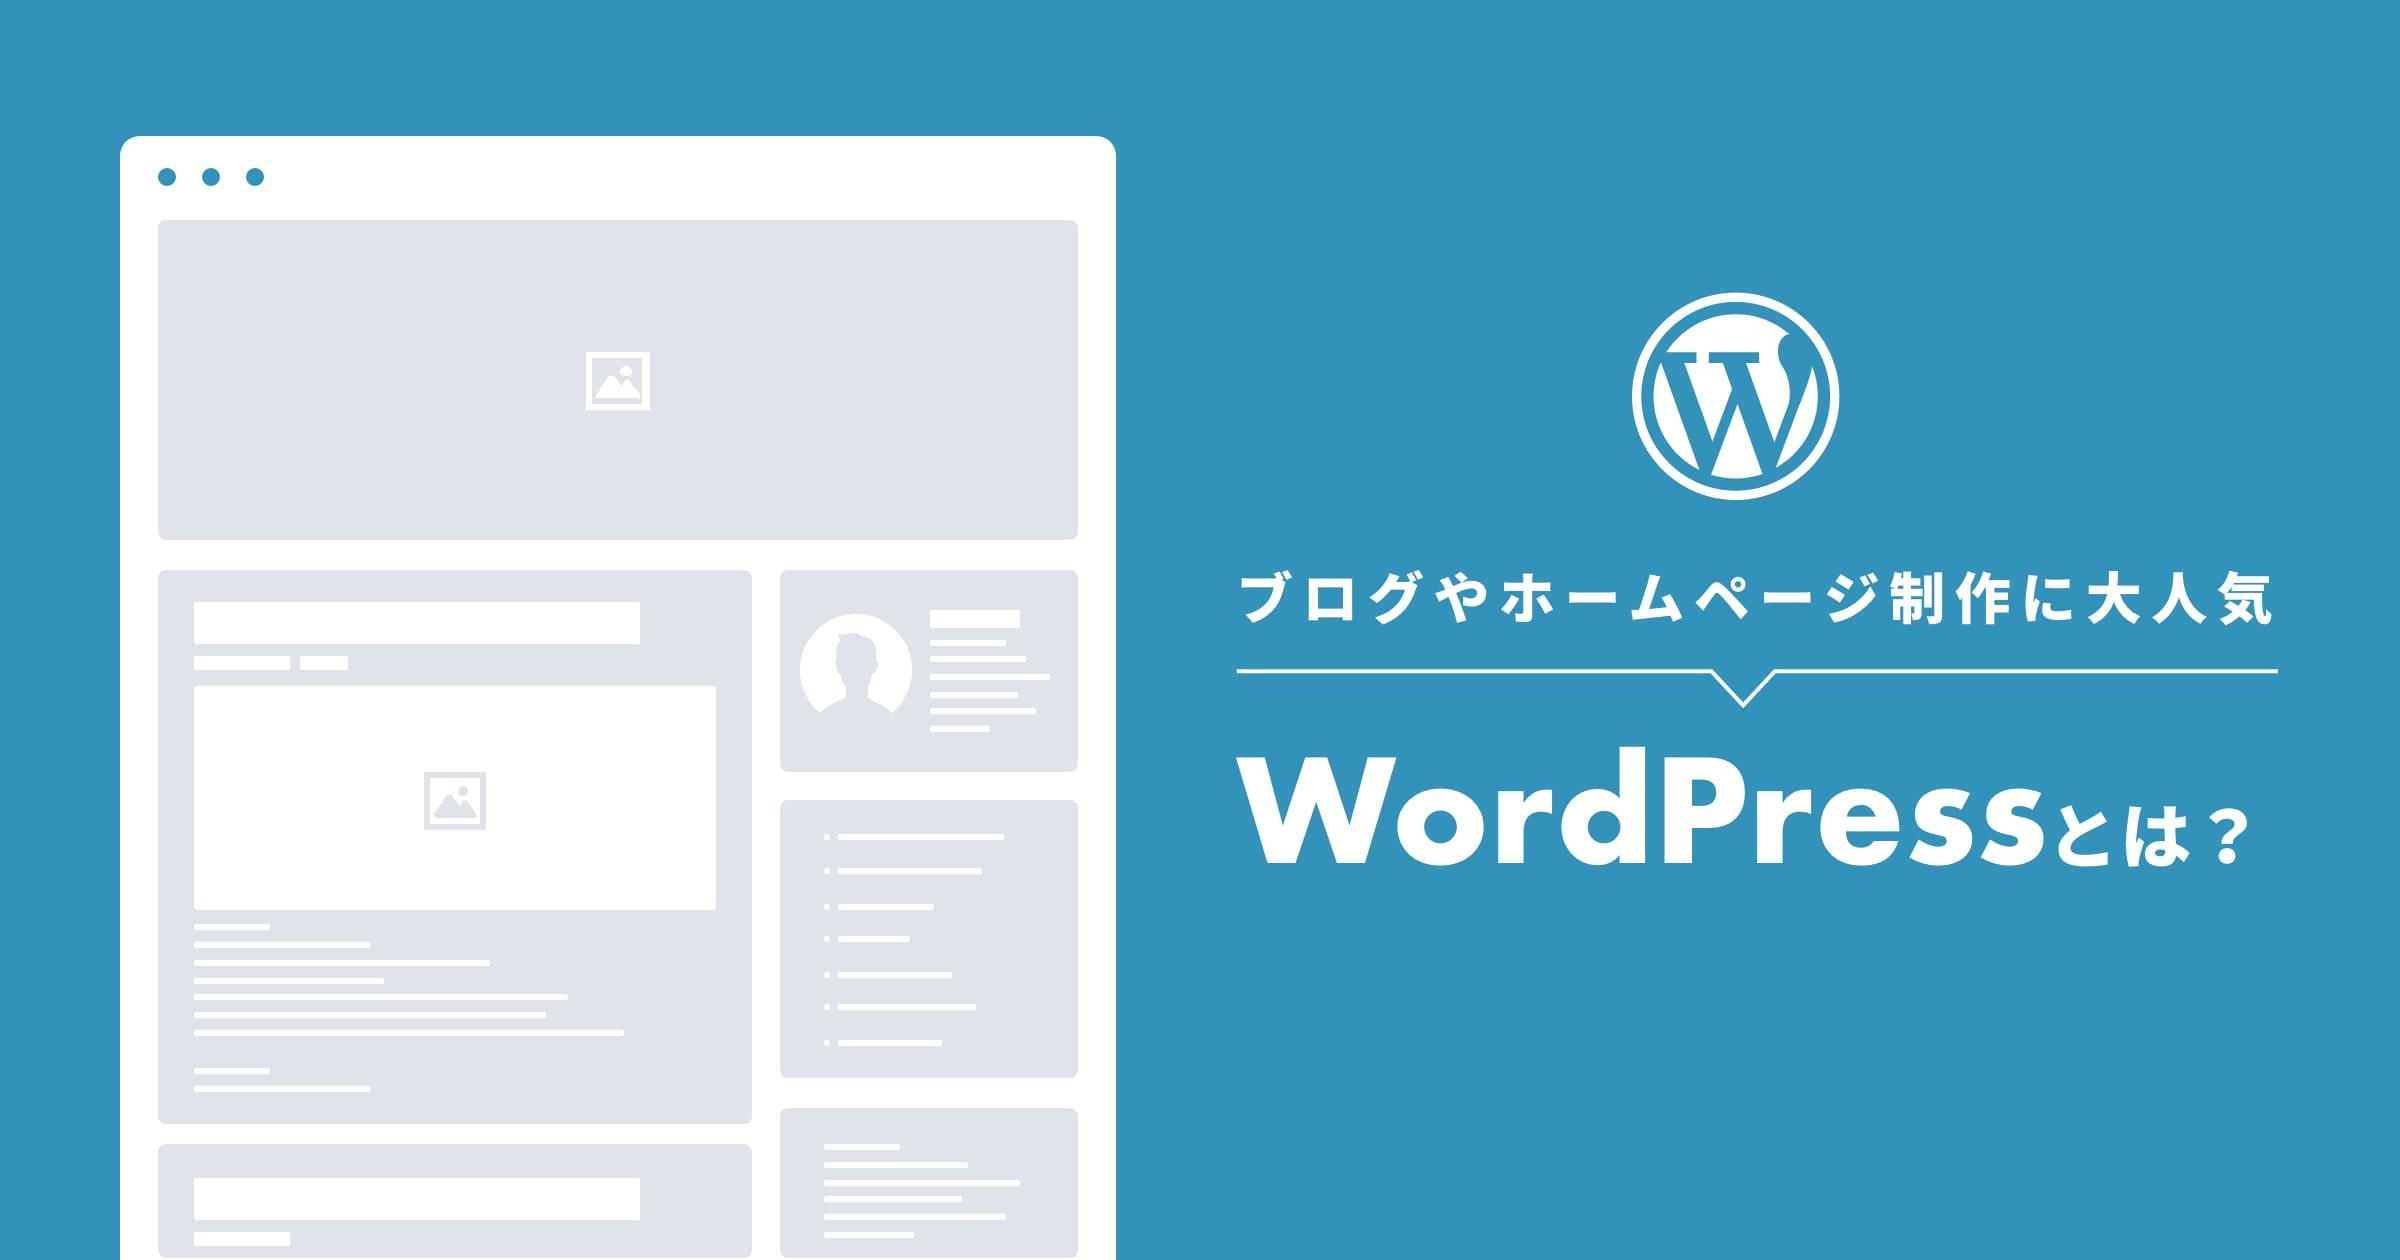 【ブログやホームページ制作に大人気】WordPress(ワードプレス)とは?